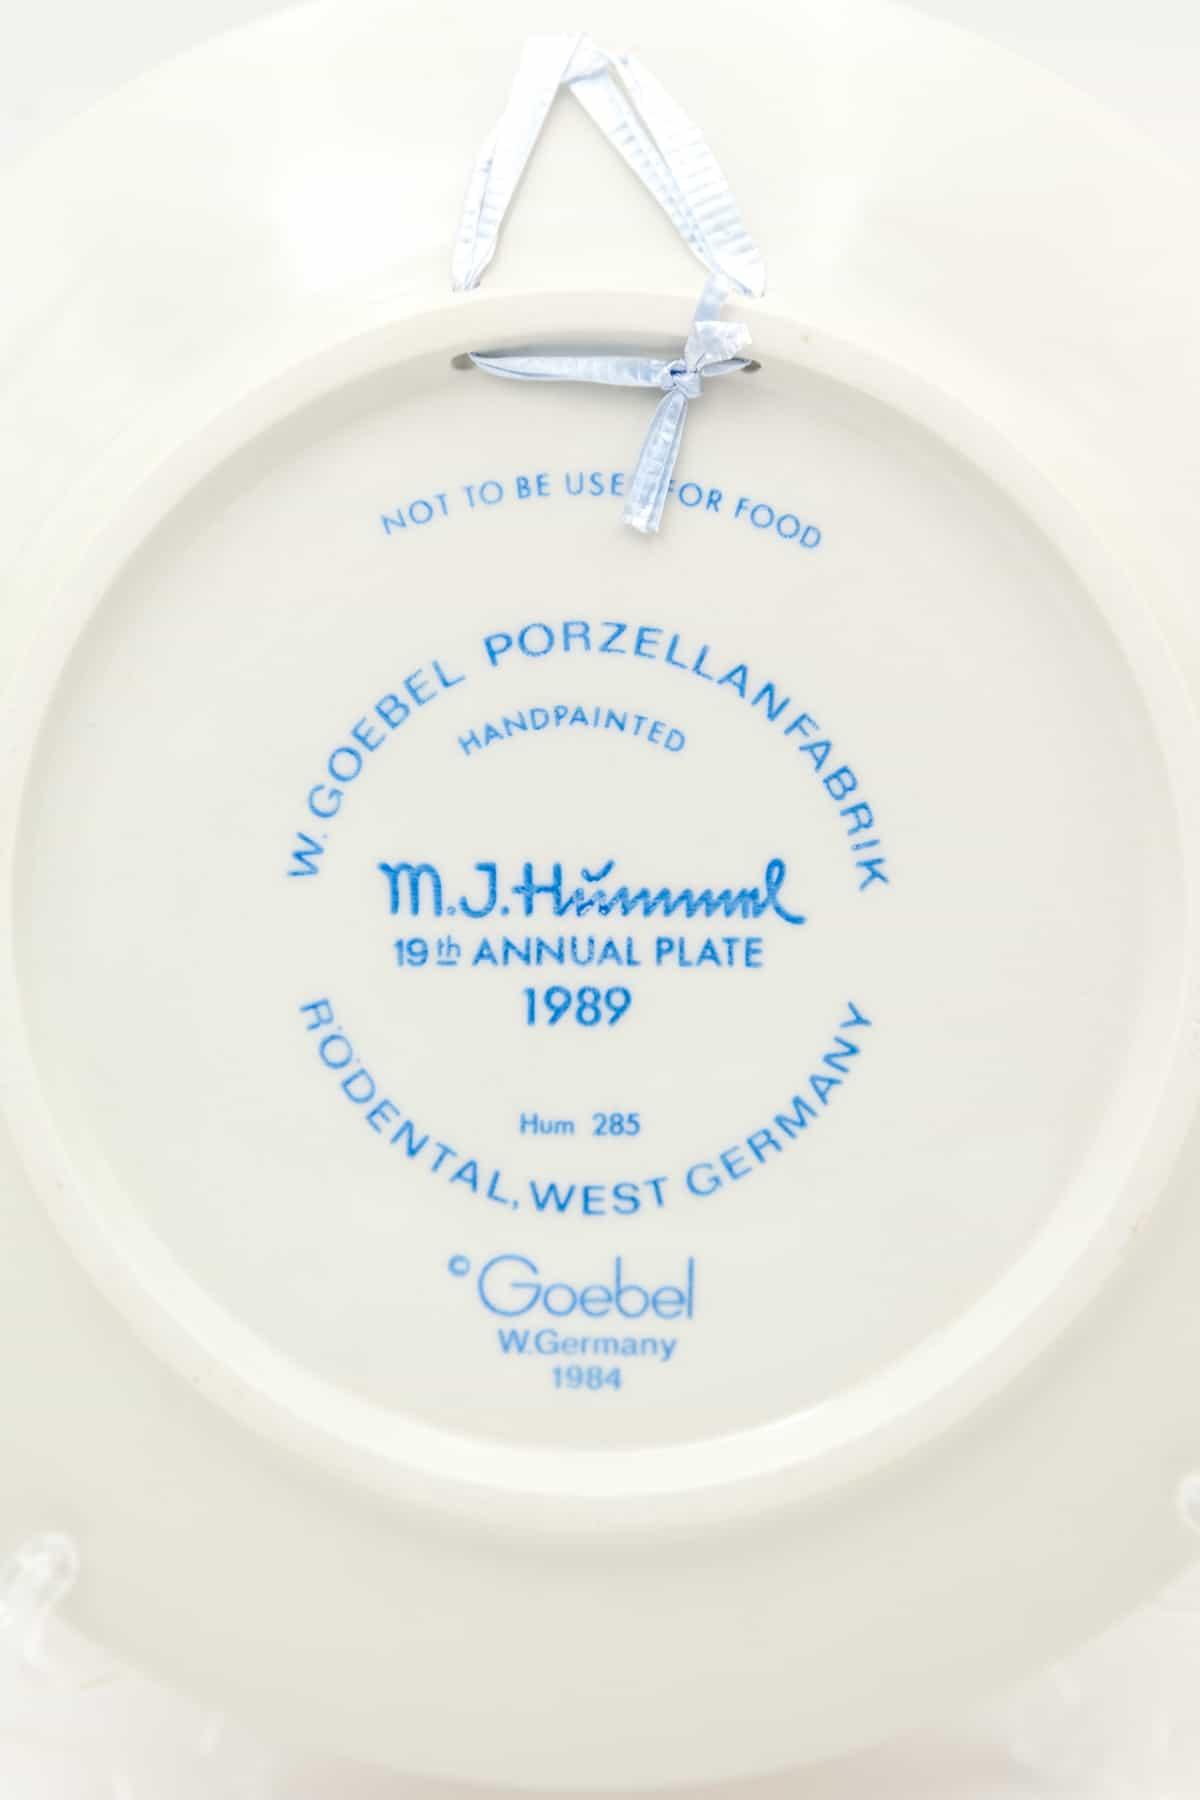 kleymo farforovaya tarelka malchik s porosyatami 1989